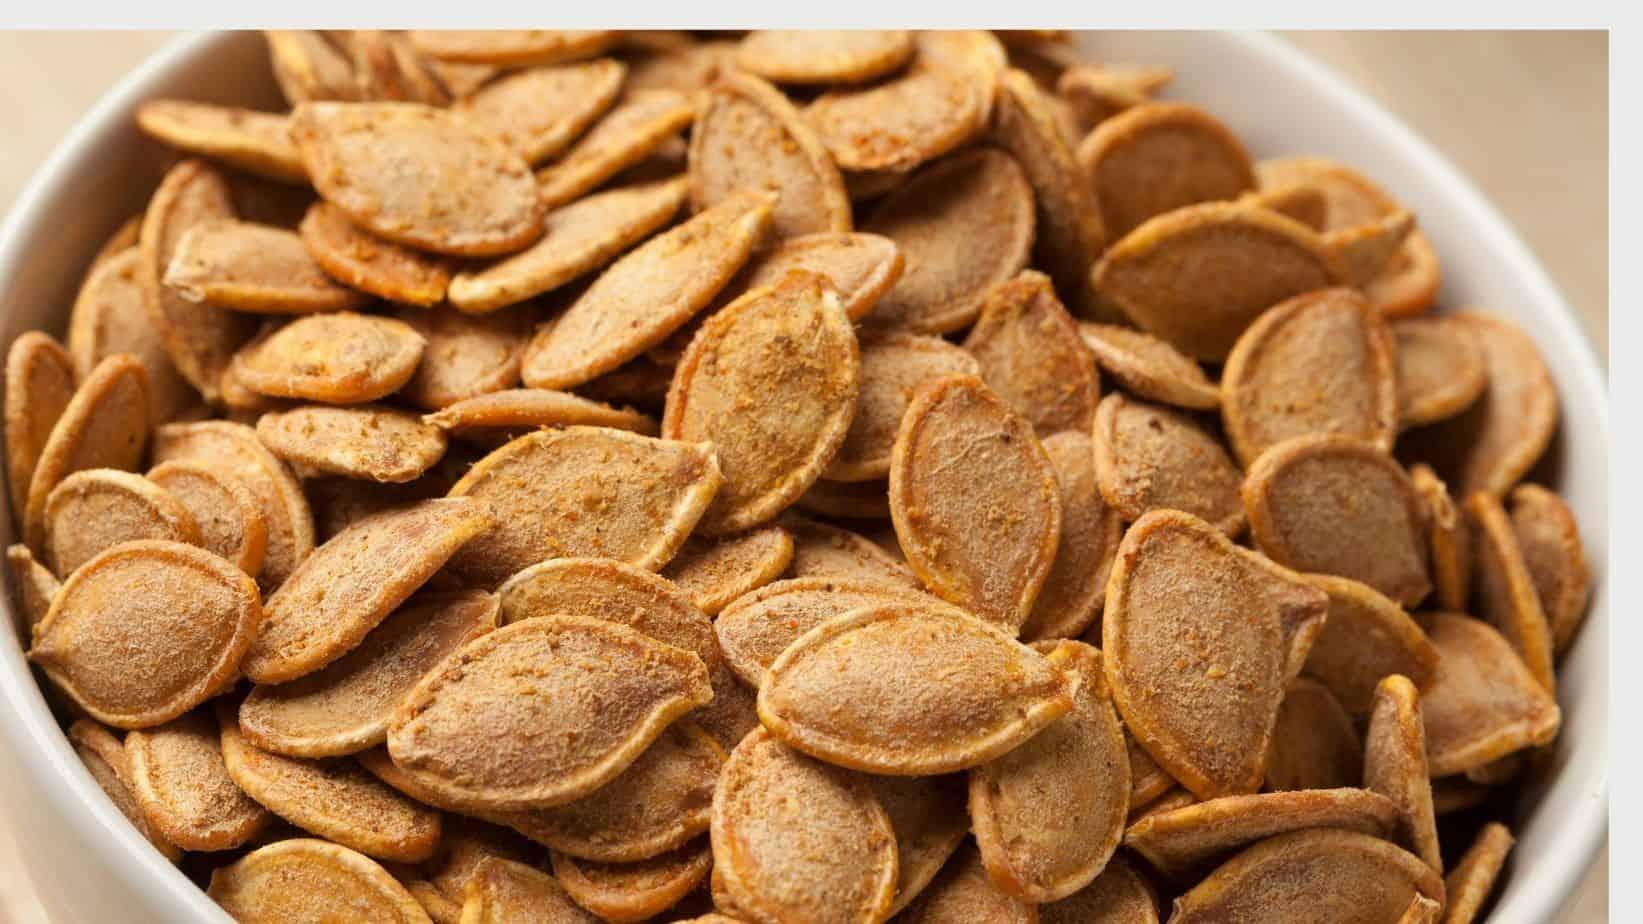 How to cook pumpkin seeds in an air fryer